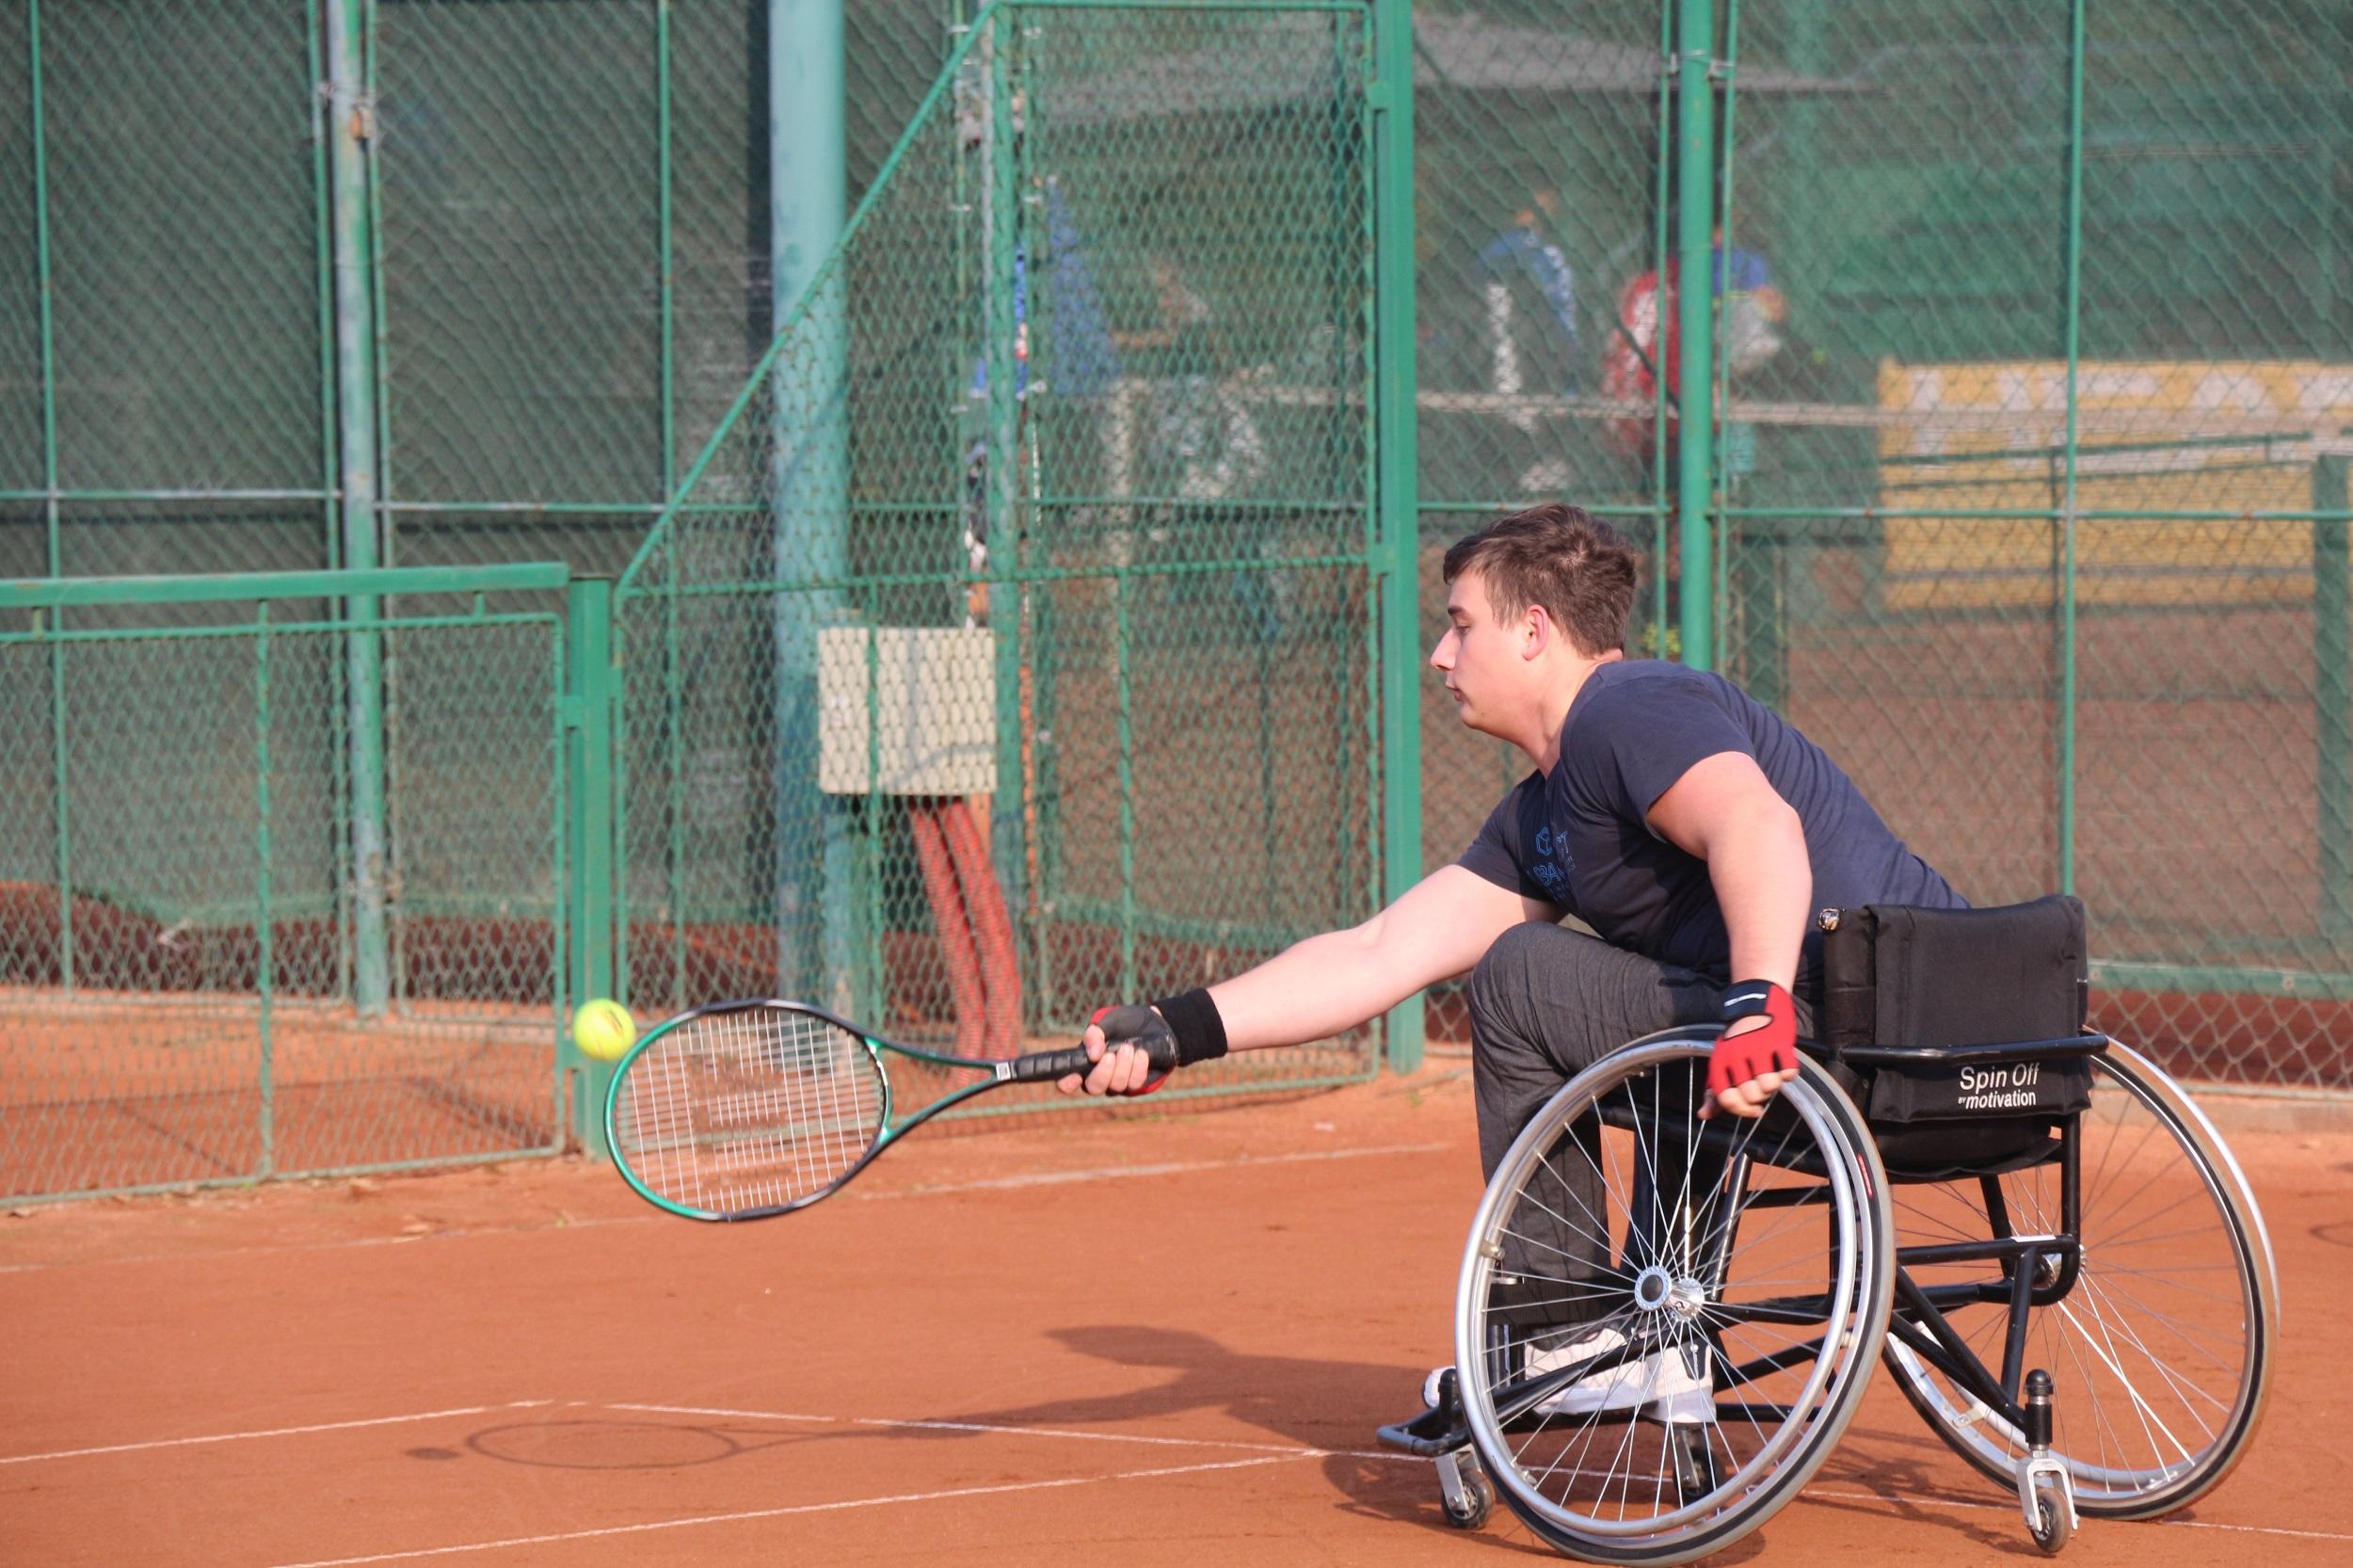 Tenis de câmp în scaun rulant, la tabăra organizată în luna octombrie, alături de Ambasada Statelor Unite ale Americii în Româniarrrrrrrrrrrrrrr